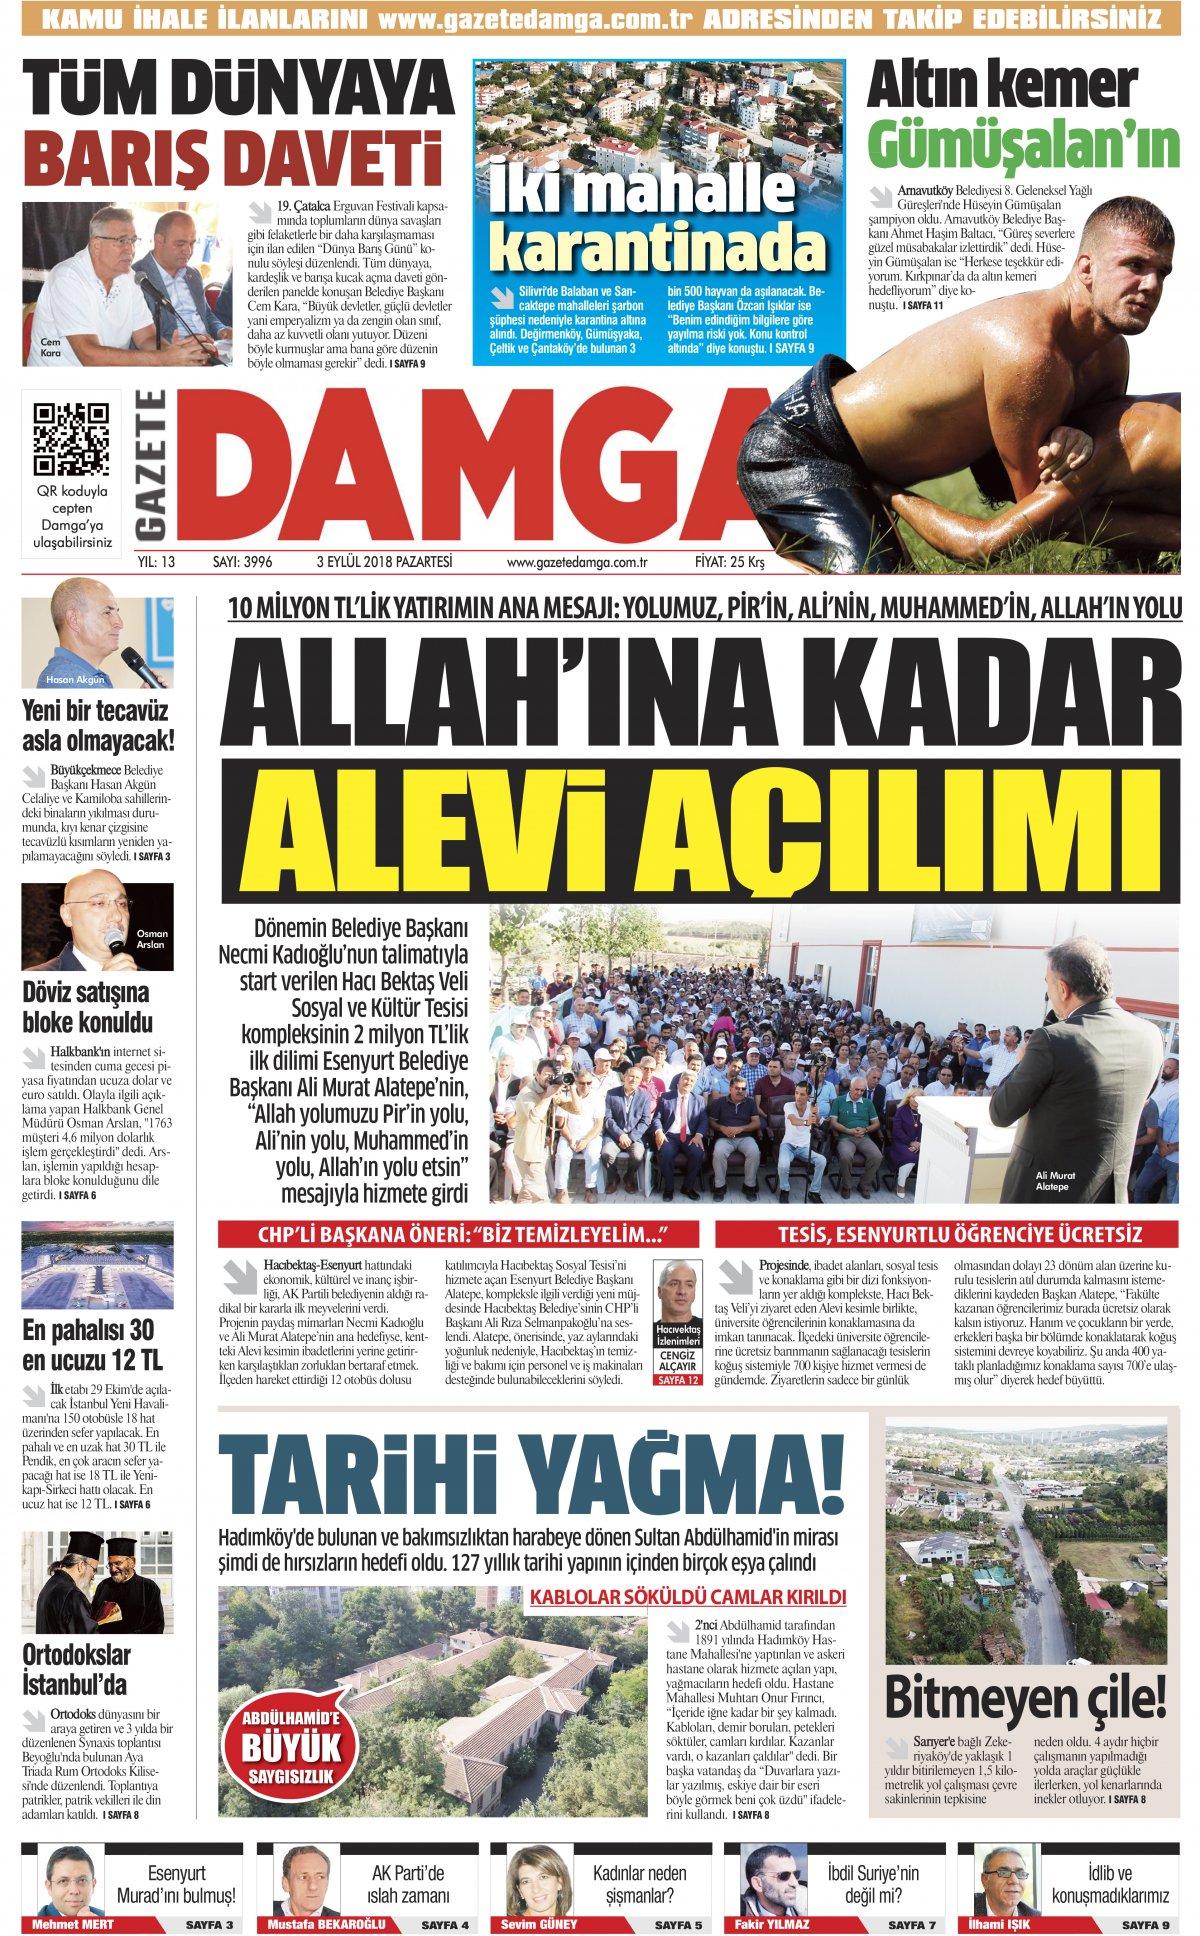 Gazete Damga - 03.09.2018 Manşeti